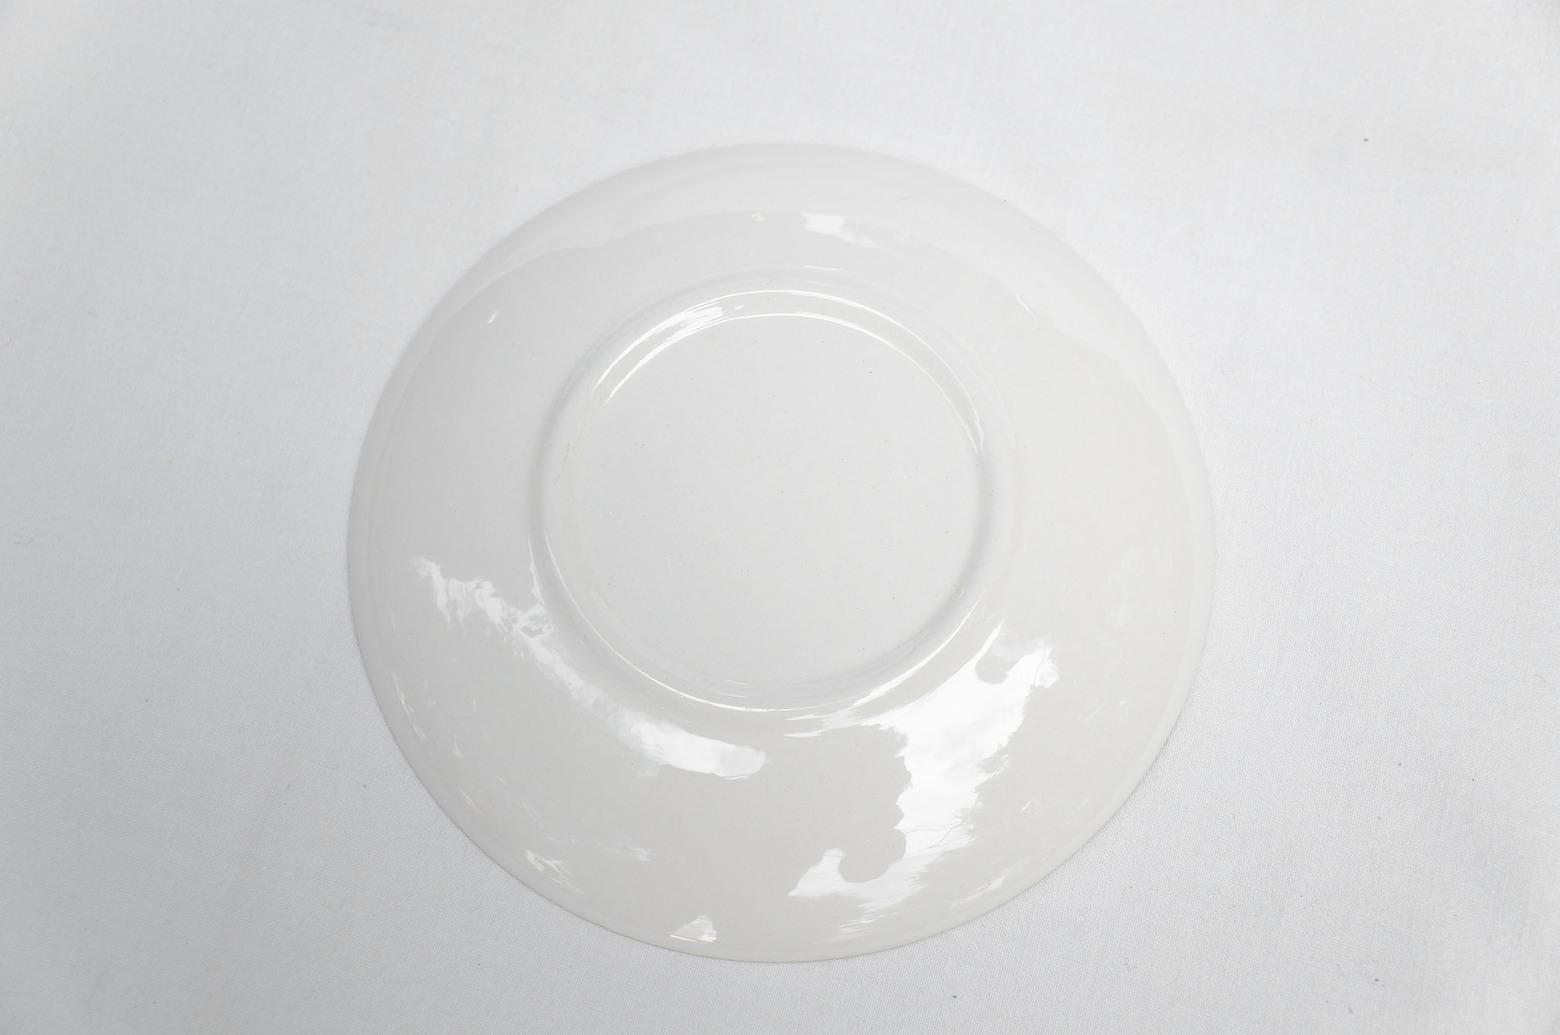 US Vintage Royal China Damsel Small Plate/アメリカ ヴィンテージ ロイヤルチャイナ ダムセル スモールプレート 食器 レトロ 3